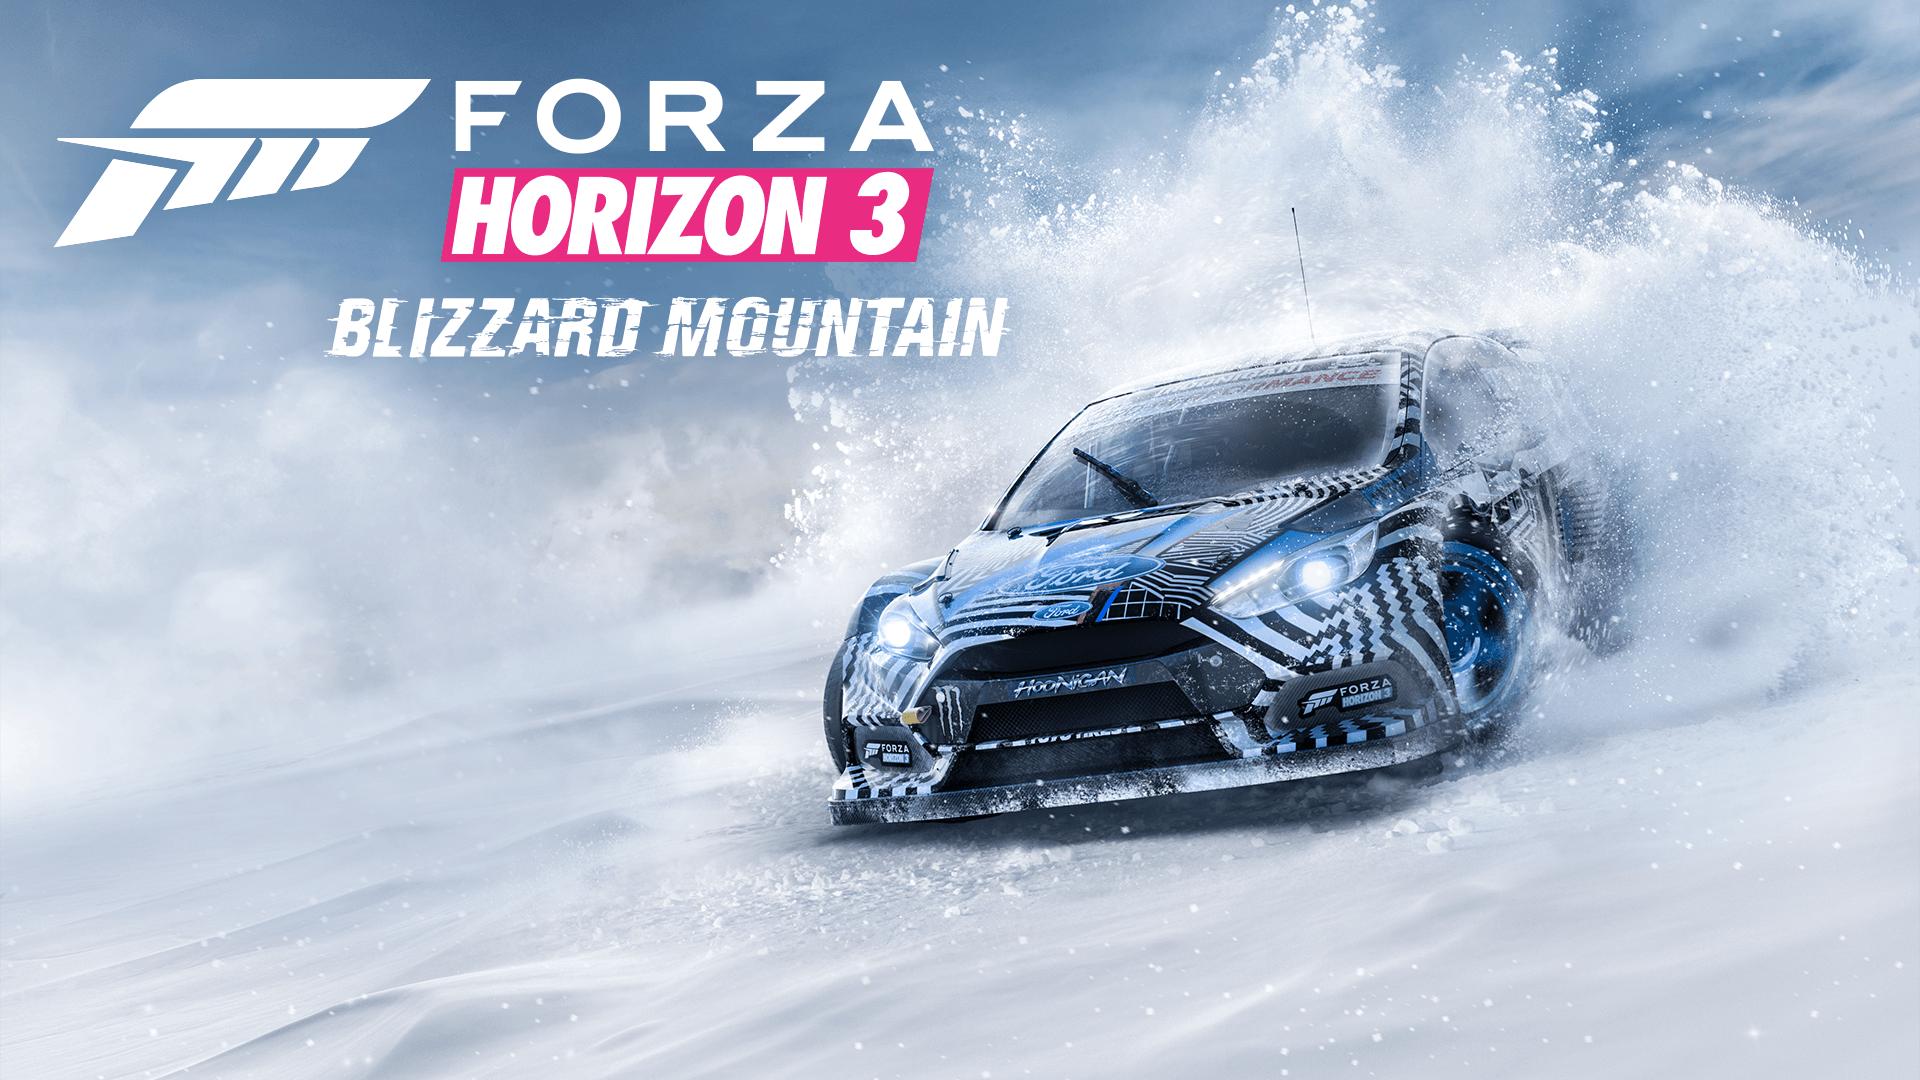 💄 Forza horizon 3 download apk | Forza Horizon 3 For Mobile  2019-03-17